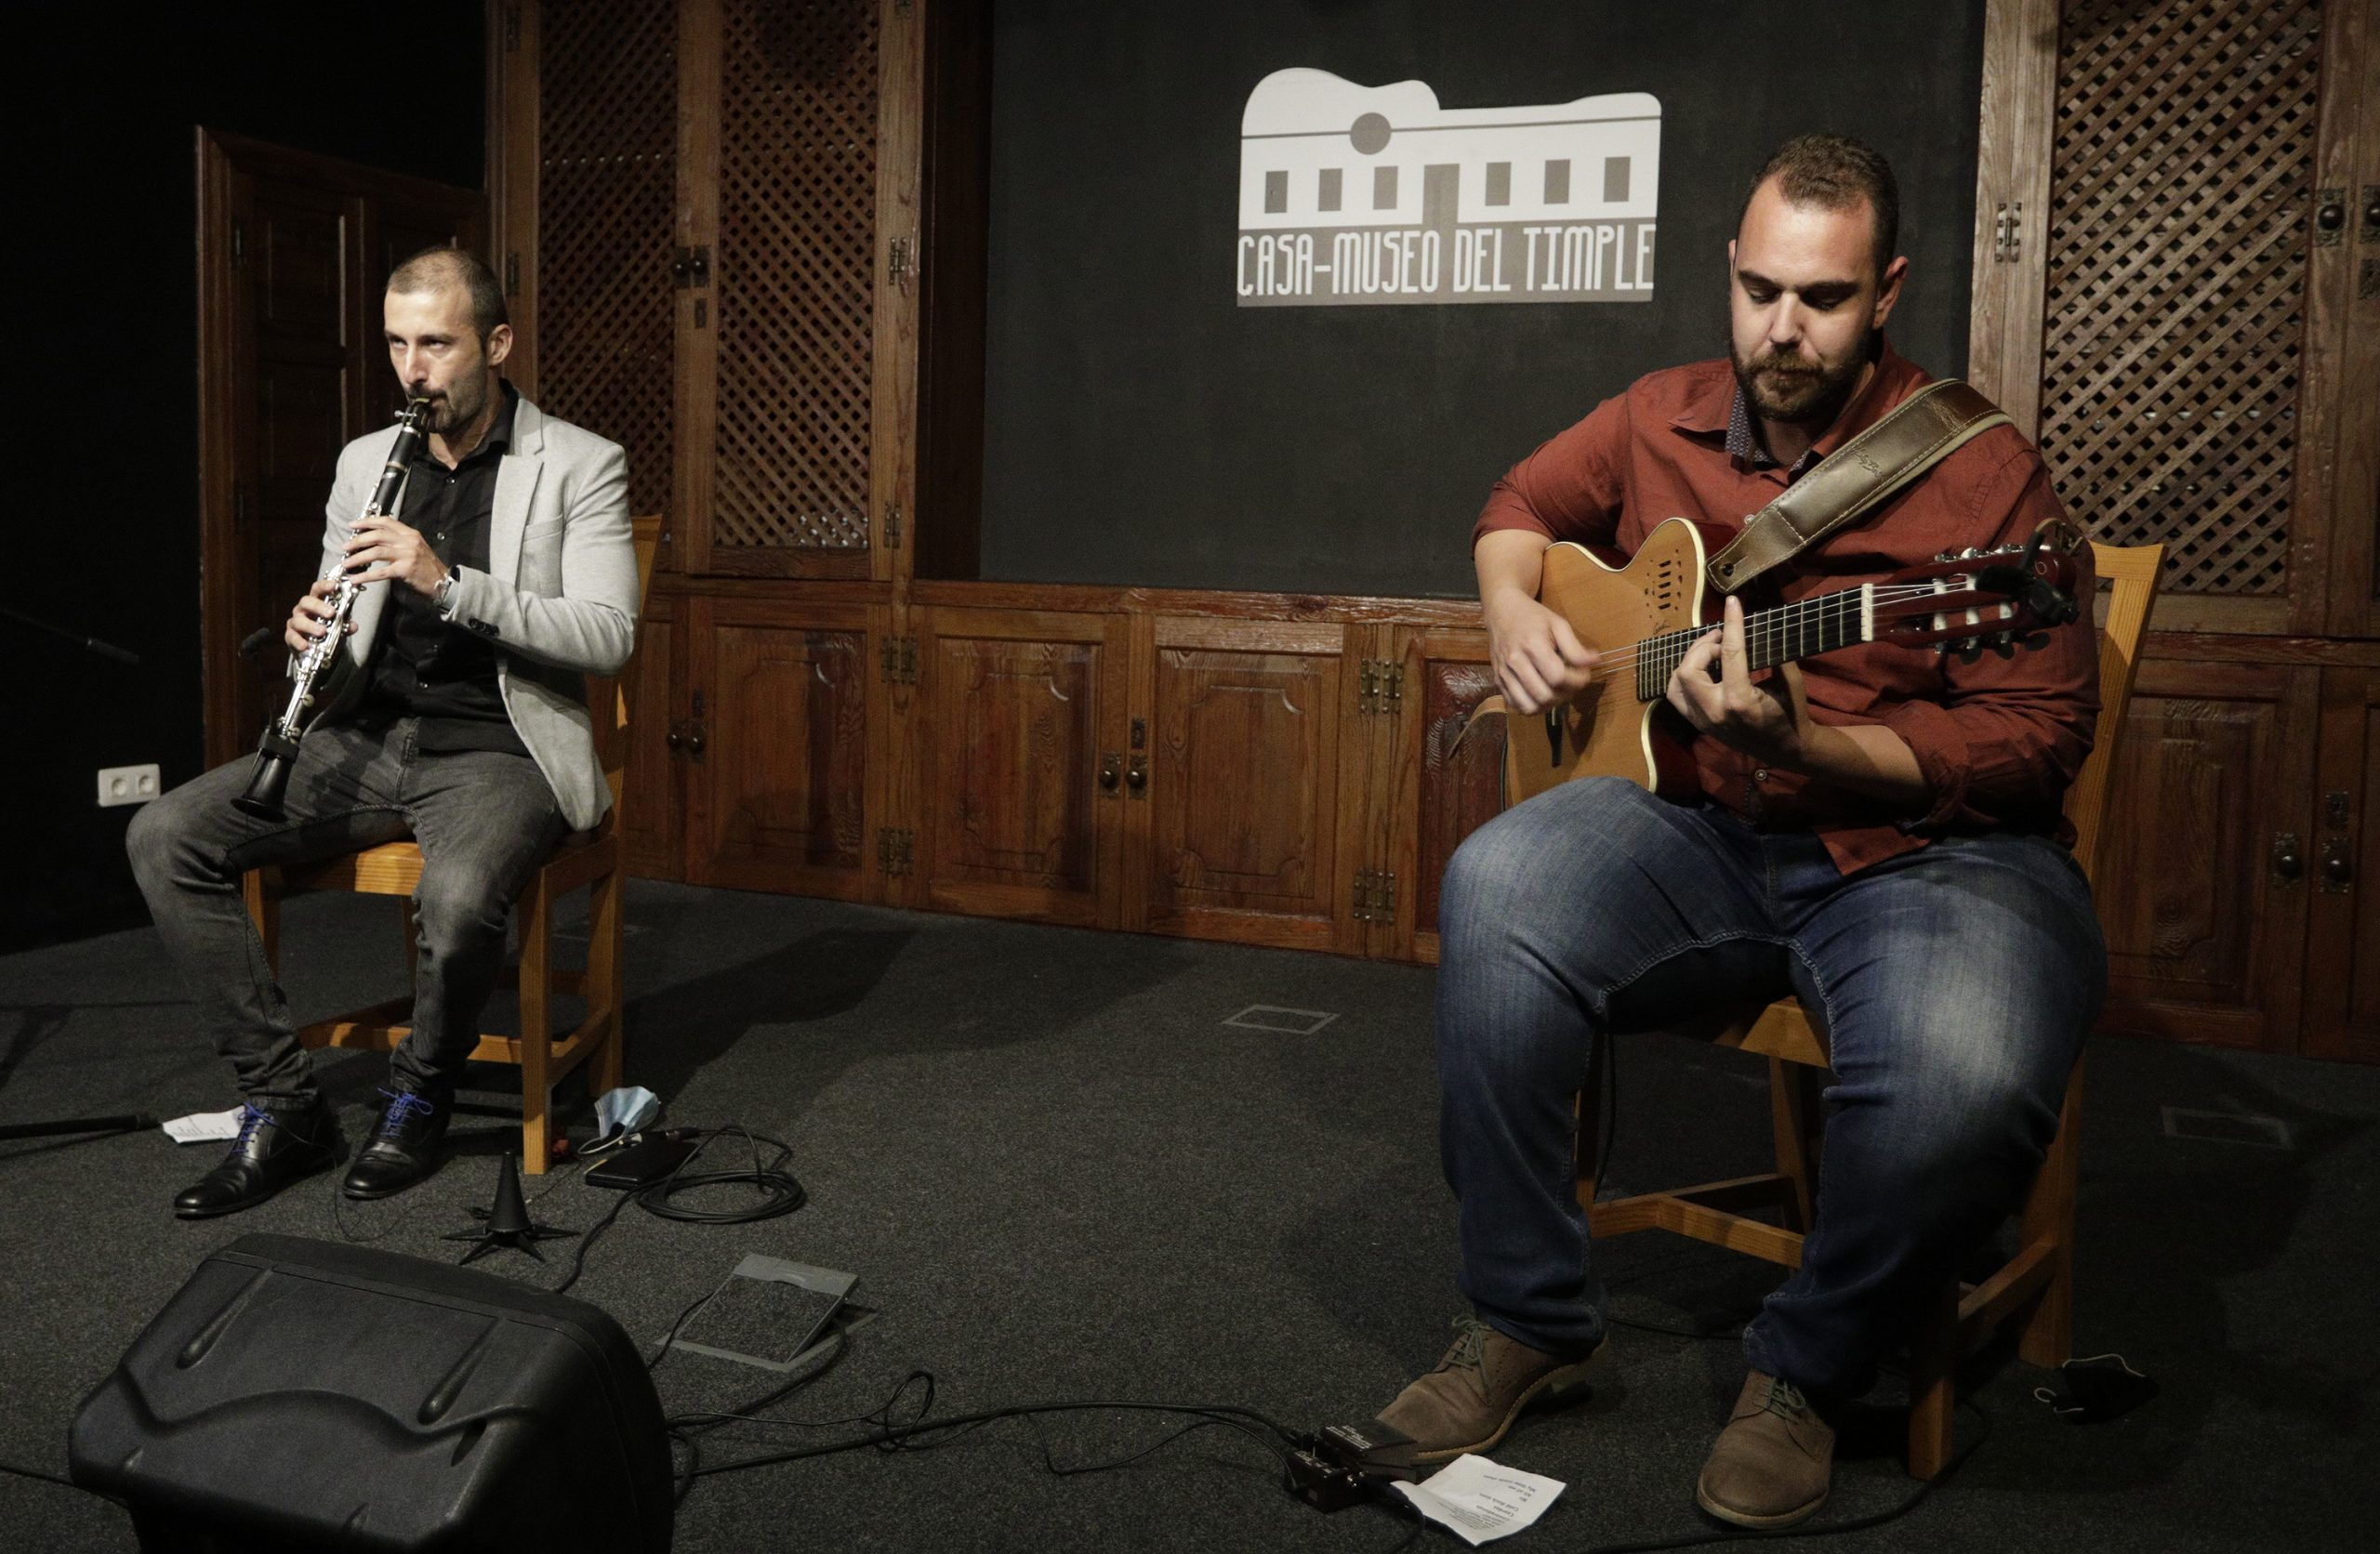 Más música en directo desde la Casa-Museo del Timple